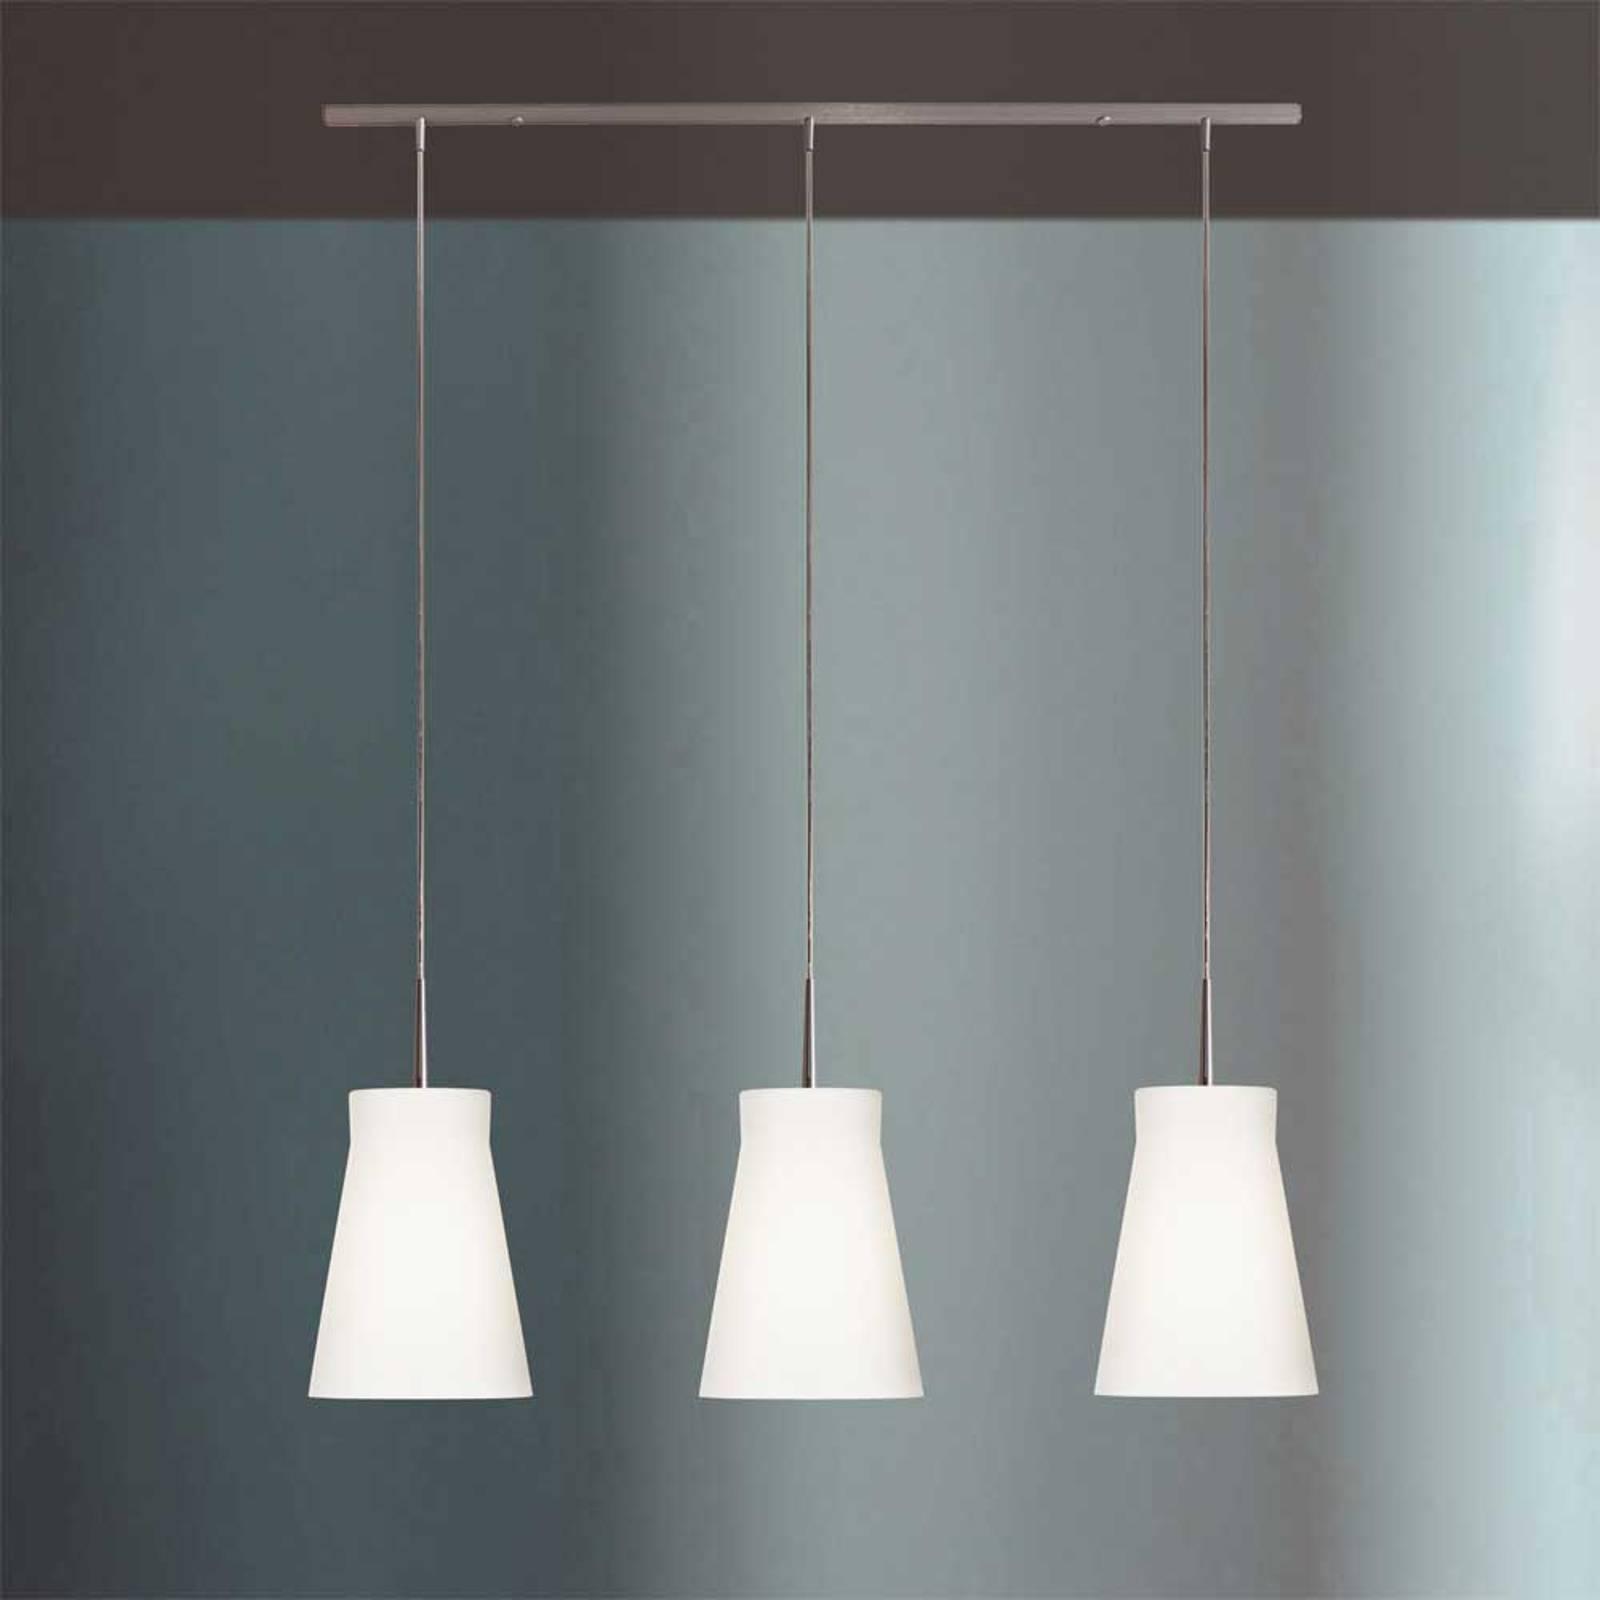 H ngelampen von casablanca und andere lampen f r for Lampen casablanca